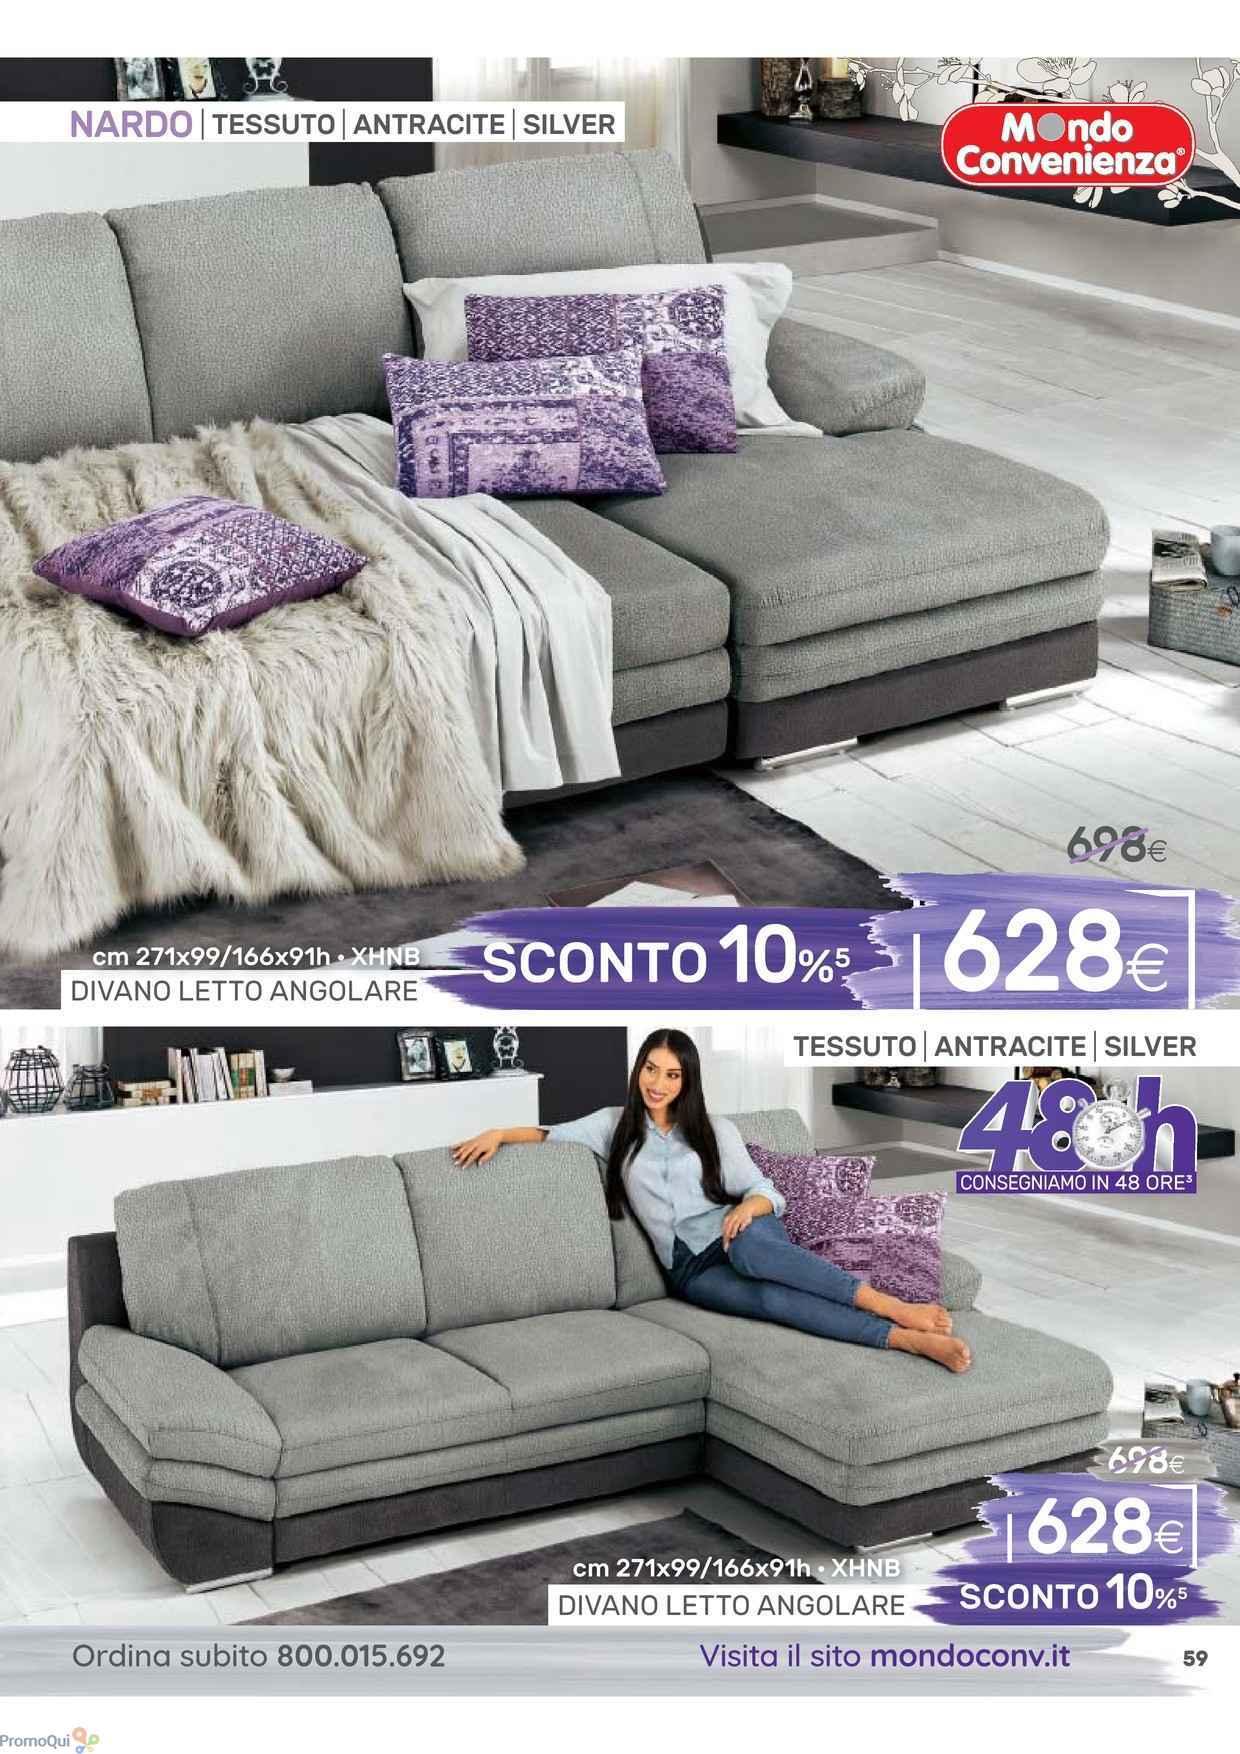 Divano letto 160 cm mondo convenienza interesting stunning centro convenienza divani letto - Divano letto max mondo convenienza ...